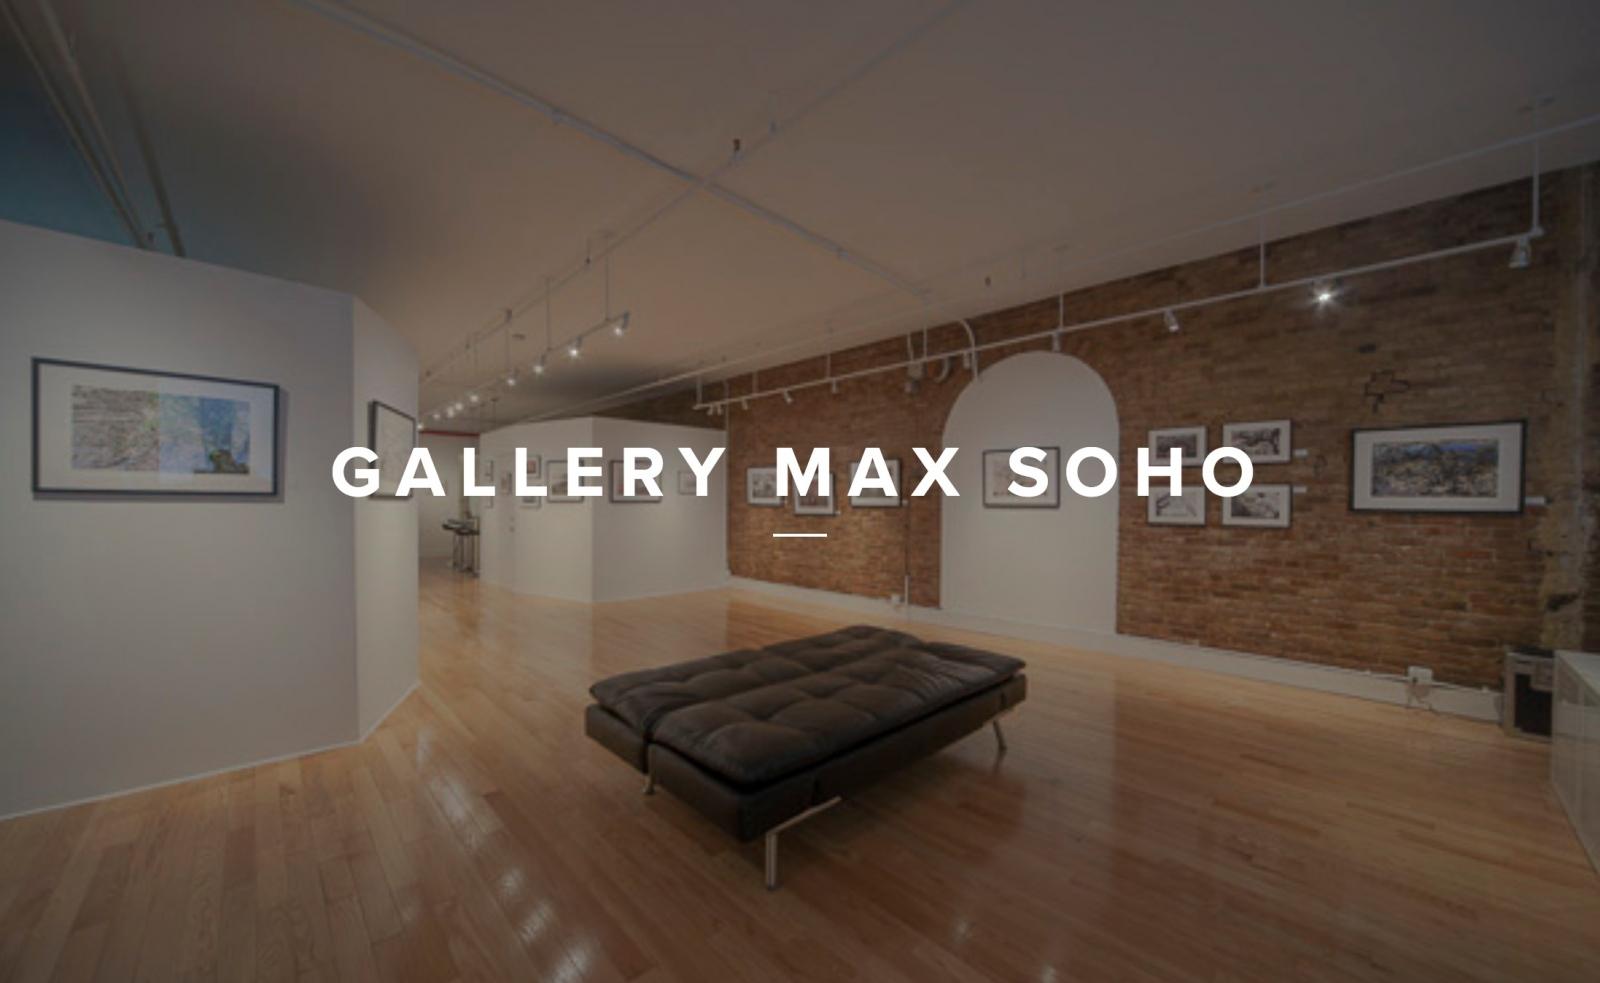 Photography image - Loading Michel-Leroy-Photo-GalleryMAX-SoHo.jpg